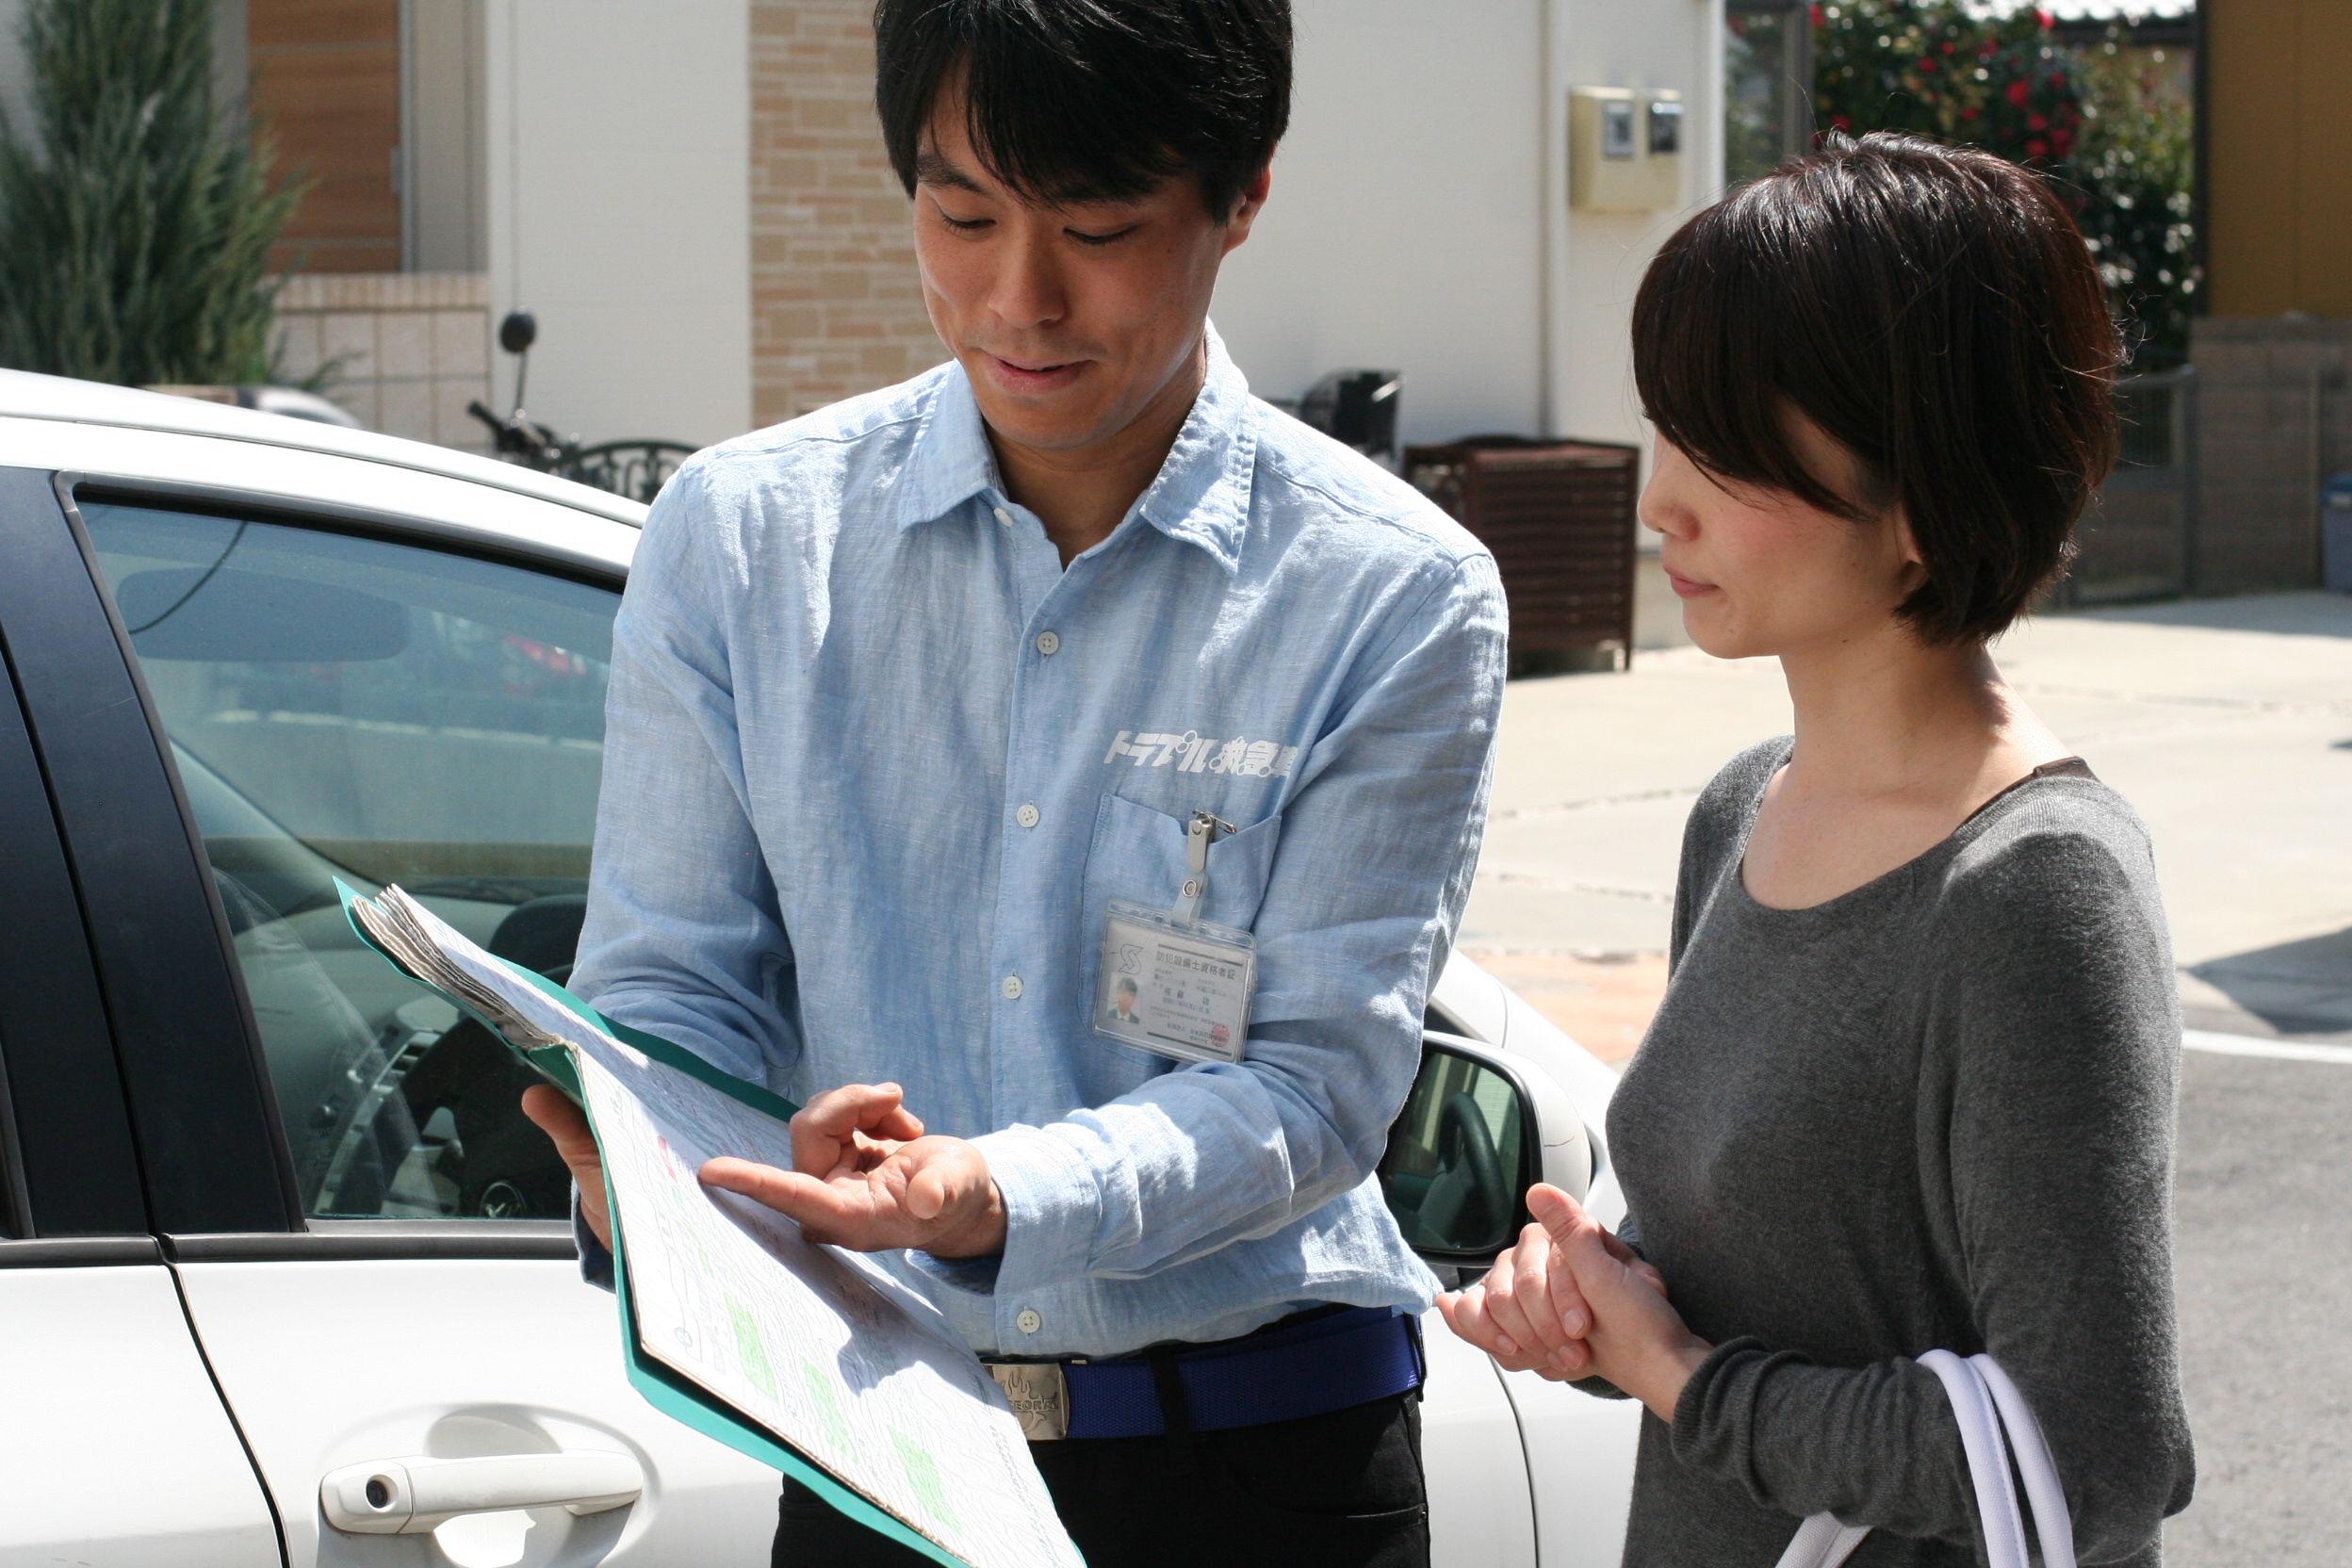 カギのトラブル救Q隊.24【常陸太田市 出張エリア】のメイン画像